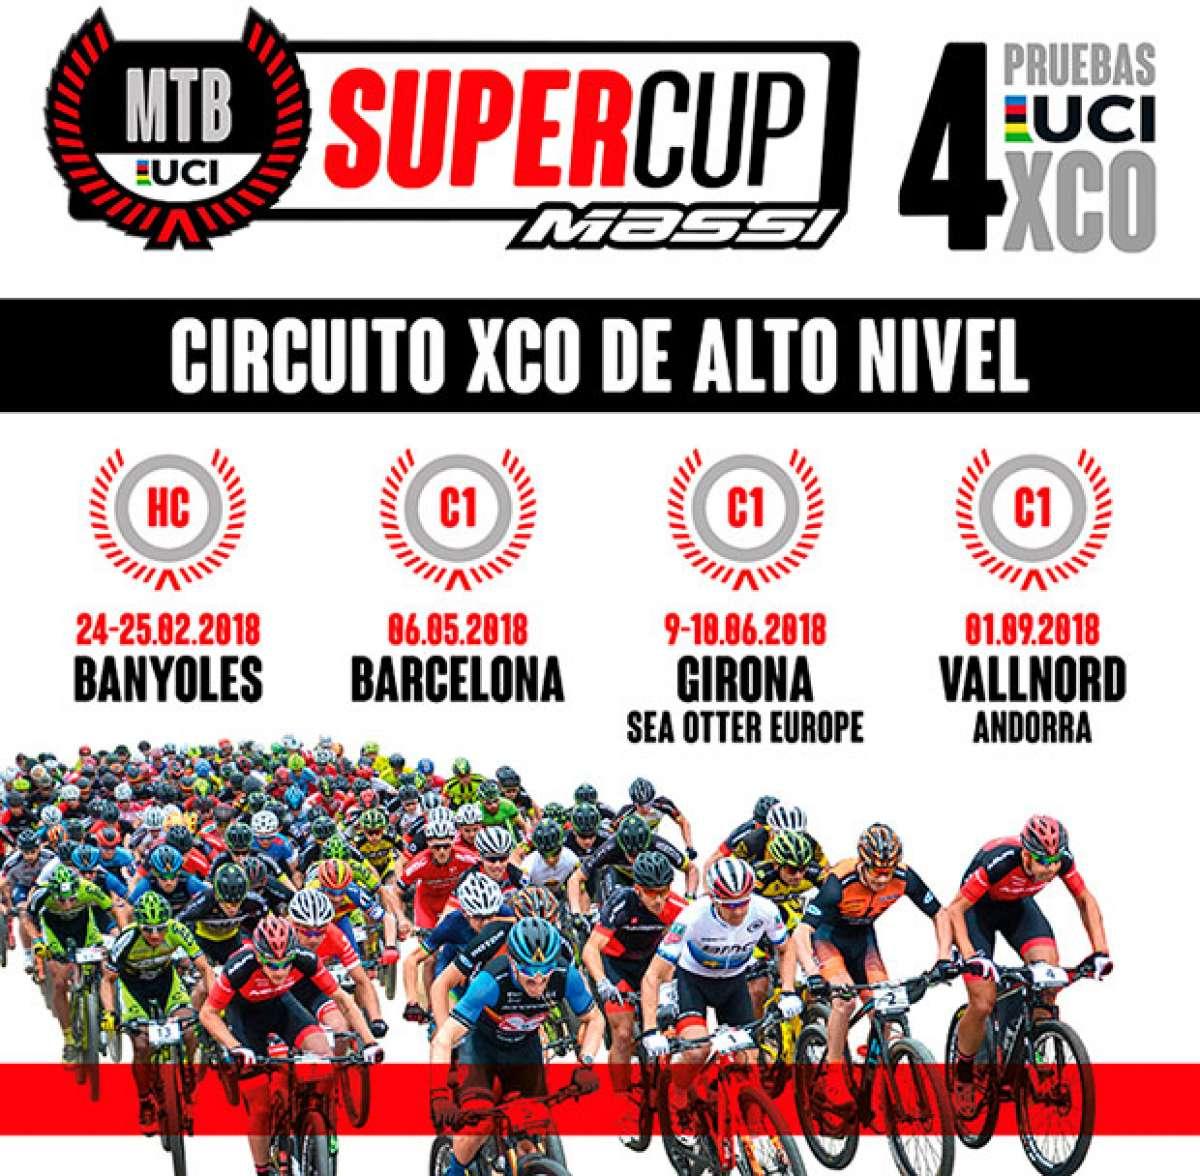 En TodoMountainBike: Estreno en el calendario nacional del MTB SuperCup Massi con cuatro pruebas de categorías UCI HC y C1